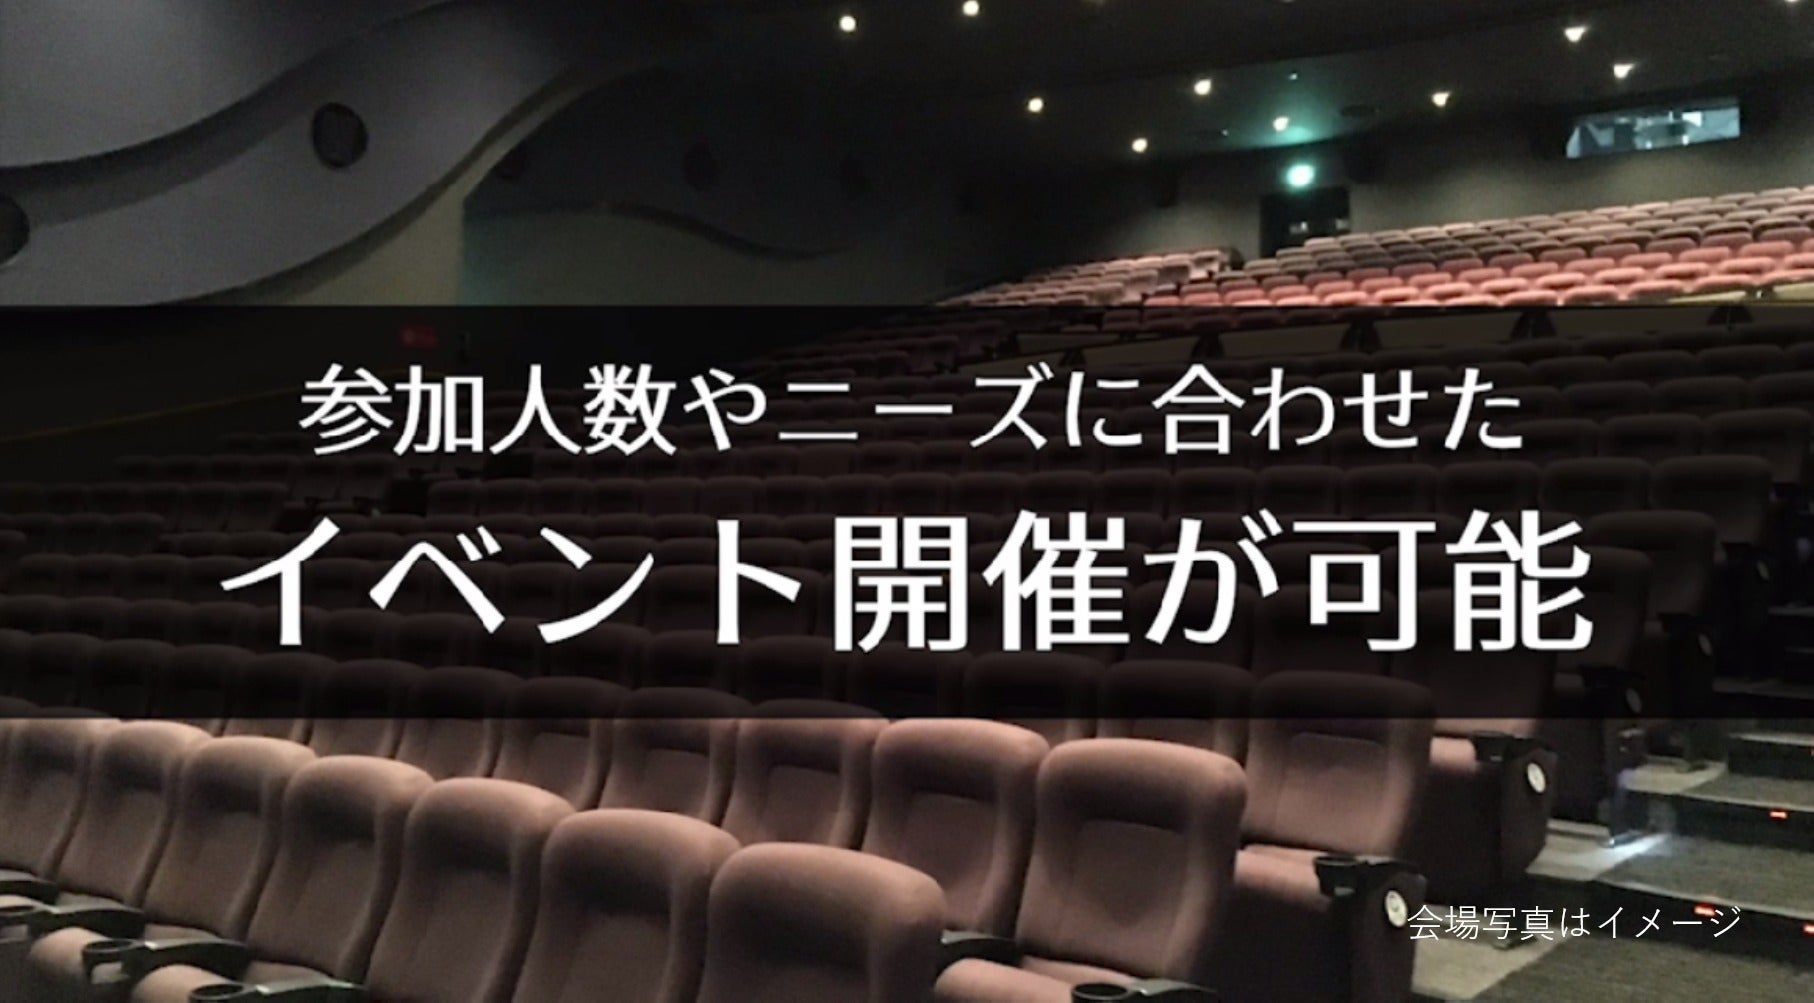 【前橋 365席】映画館で、会社説明会、株主総会、講演会の企画はいかがですか?(ユナイテッド・シネマ前橋) の写真0